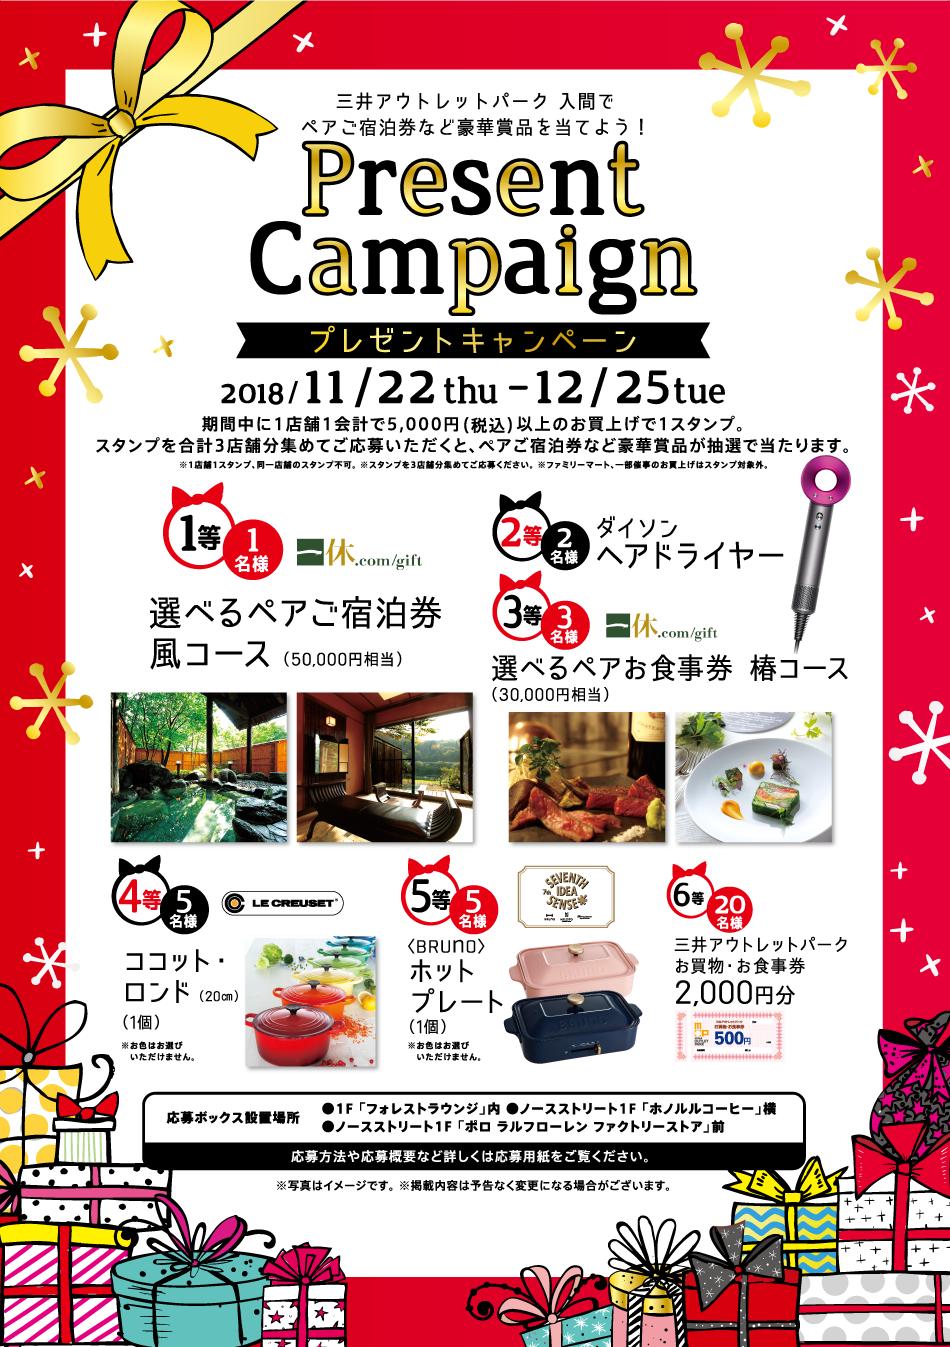 プレゼントキャンペーン 11/22(木)~12/25(火)